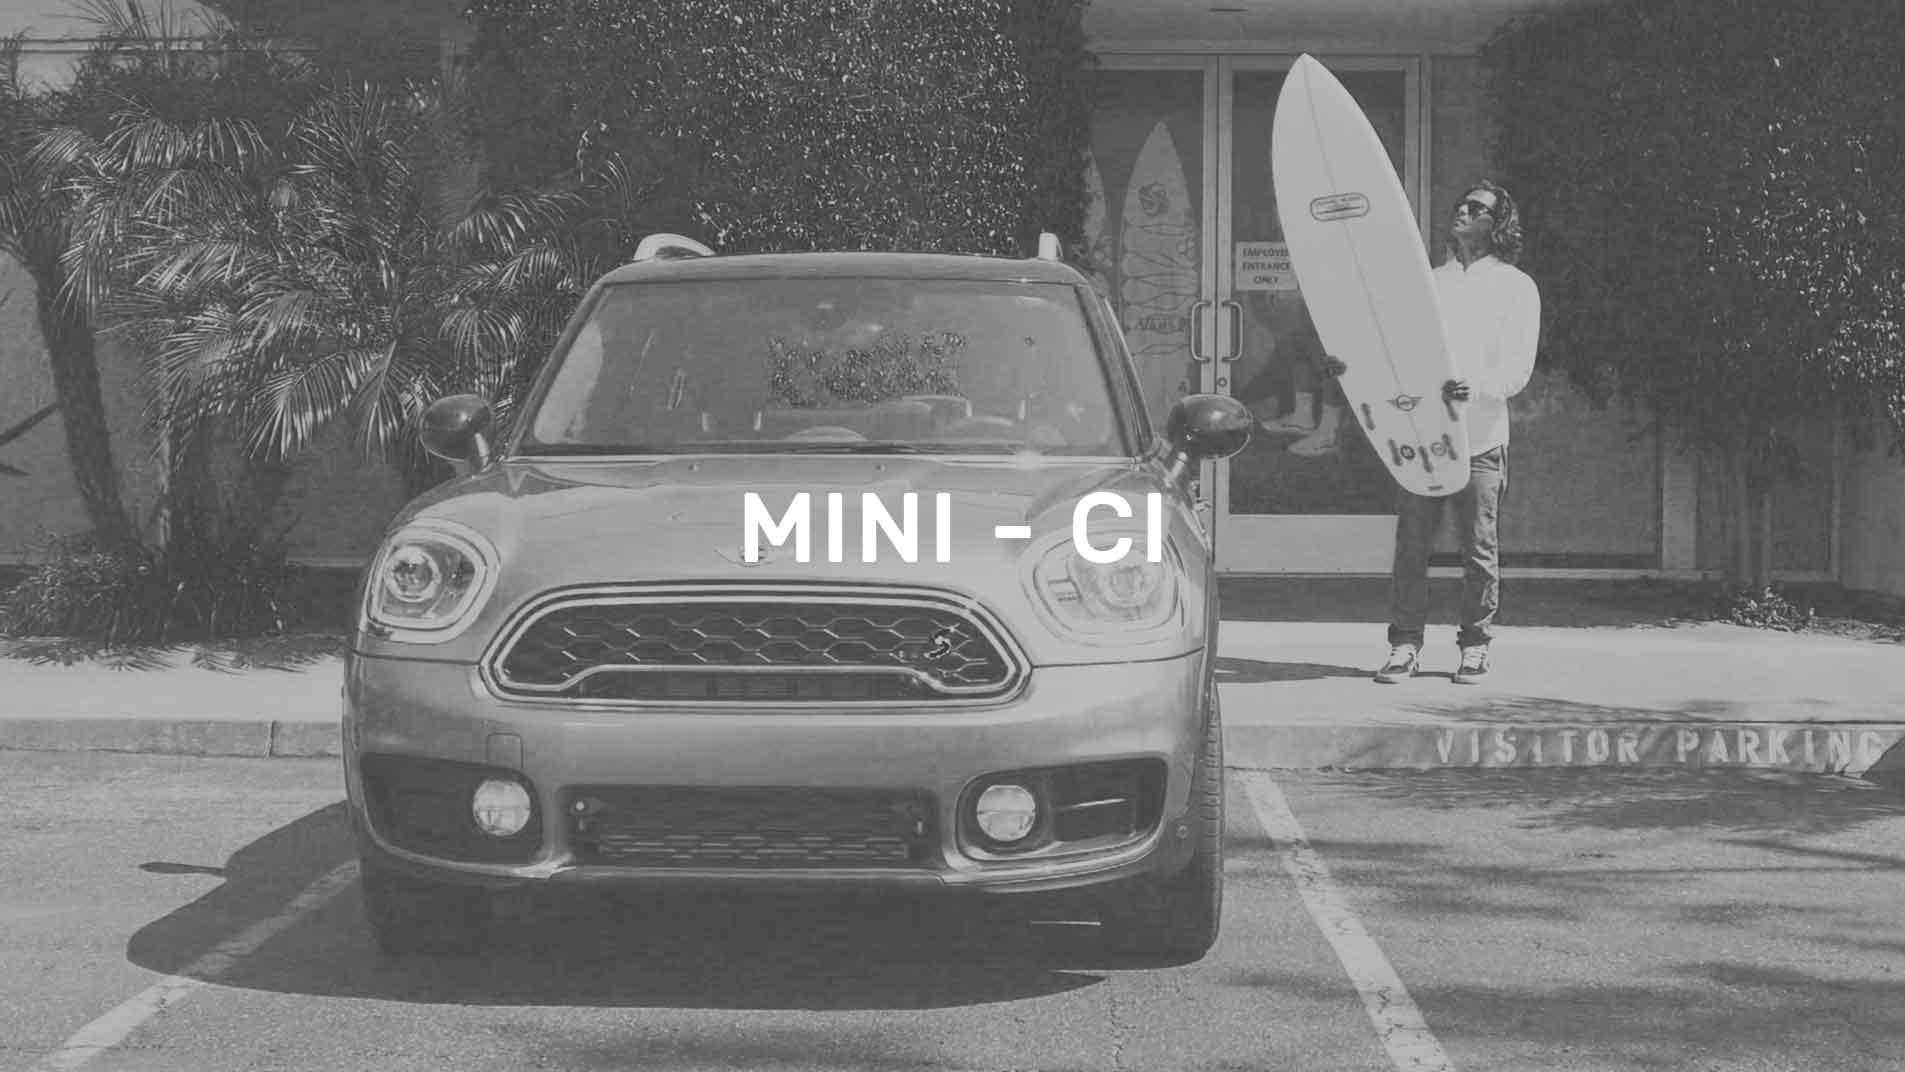 Mini CI